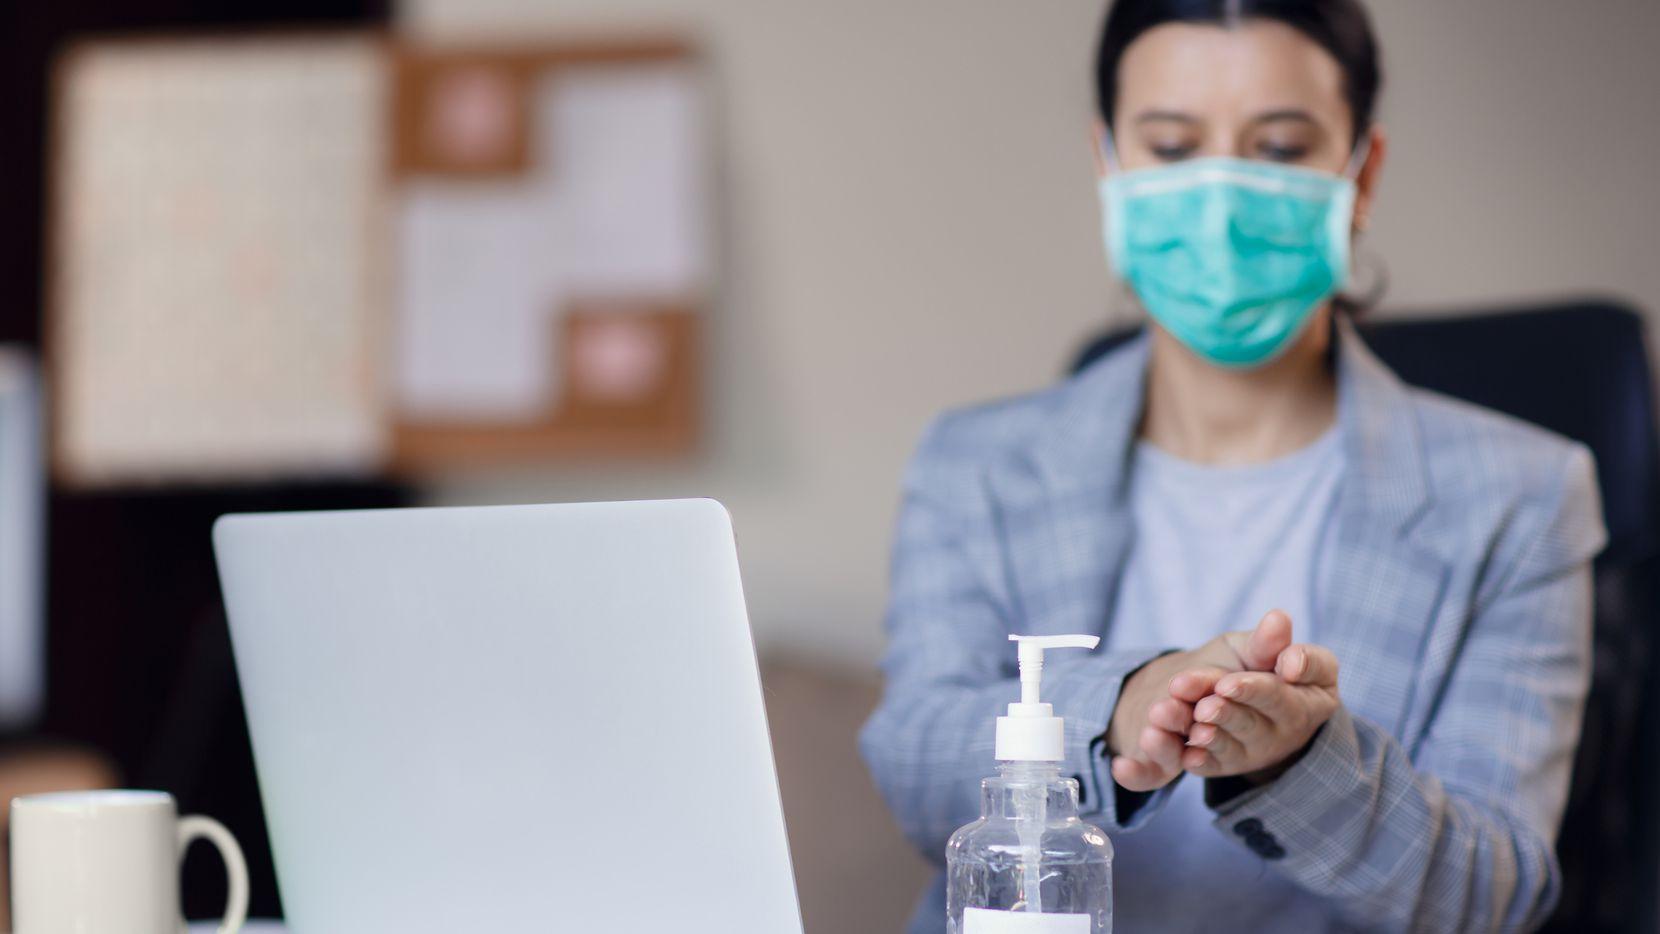 El regresar al espacio de trabajo en una oficina acarrea riesgo de contraer covid-19. ¿Se puede enjuiciar al empleador si lo obliga a ir?